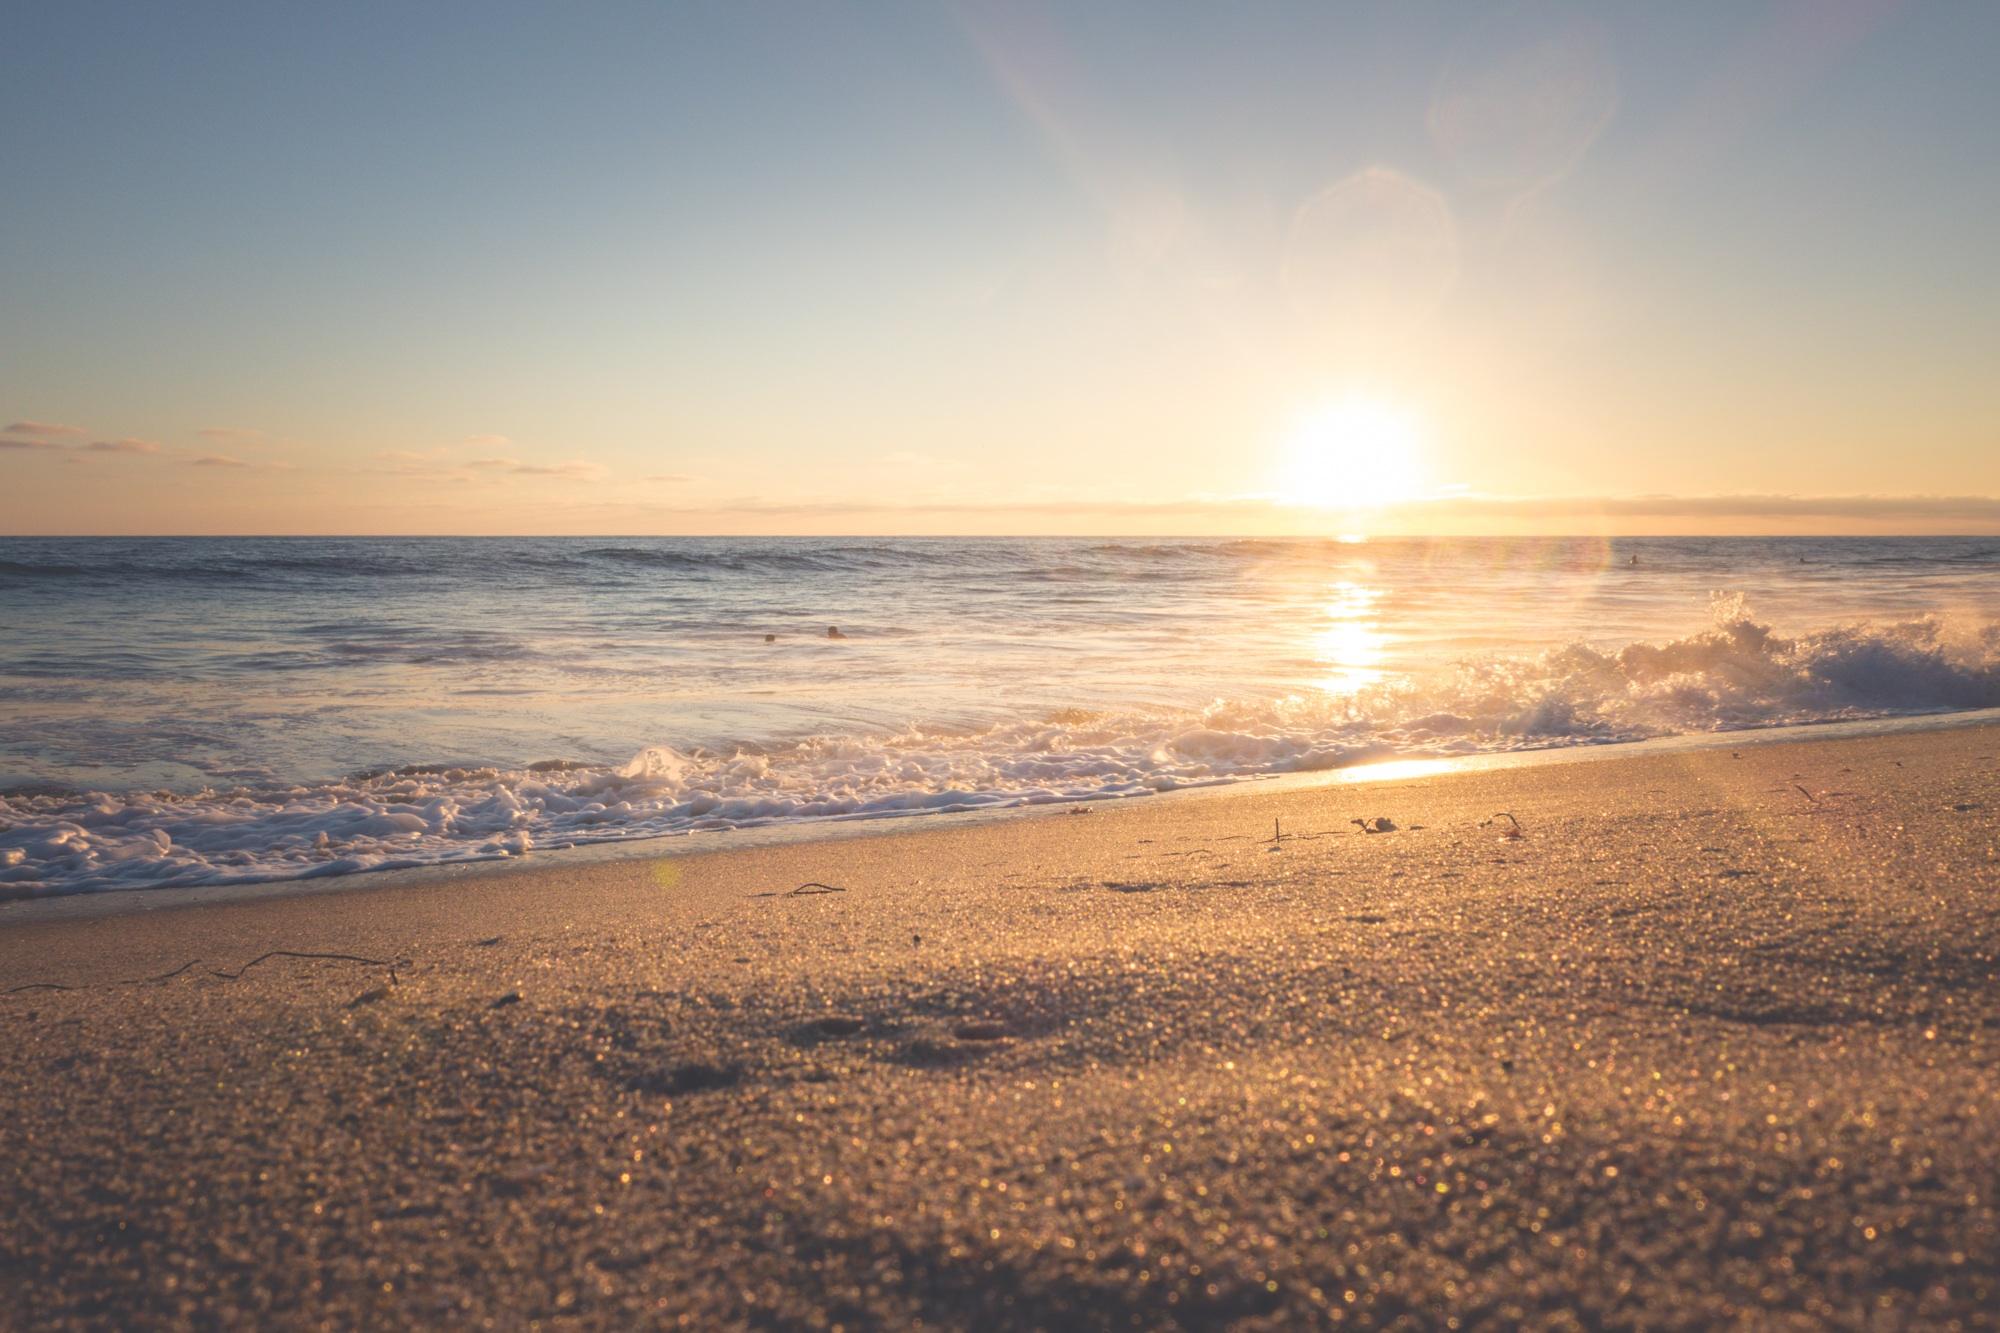 густые локоны утро пляж лето картинки мероприятия стартуют вечерам